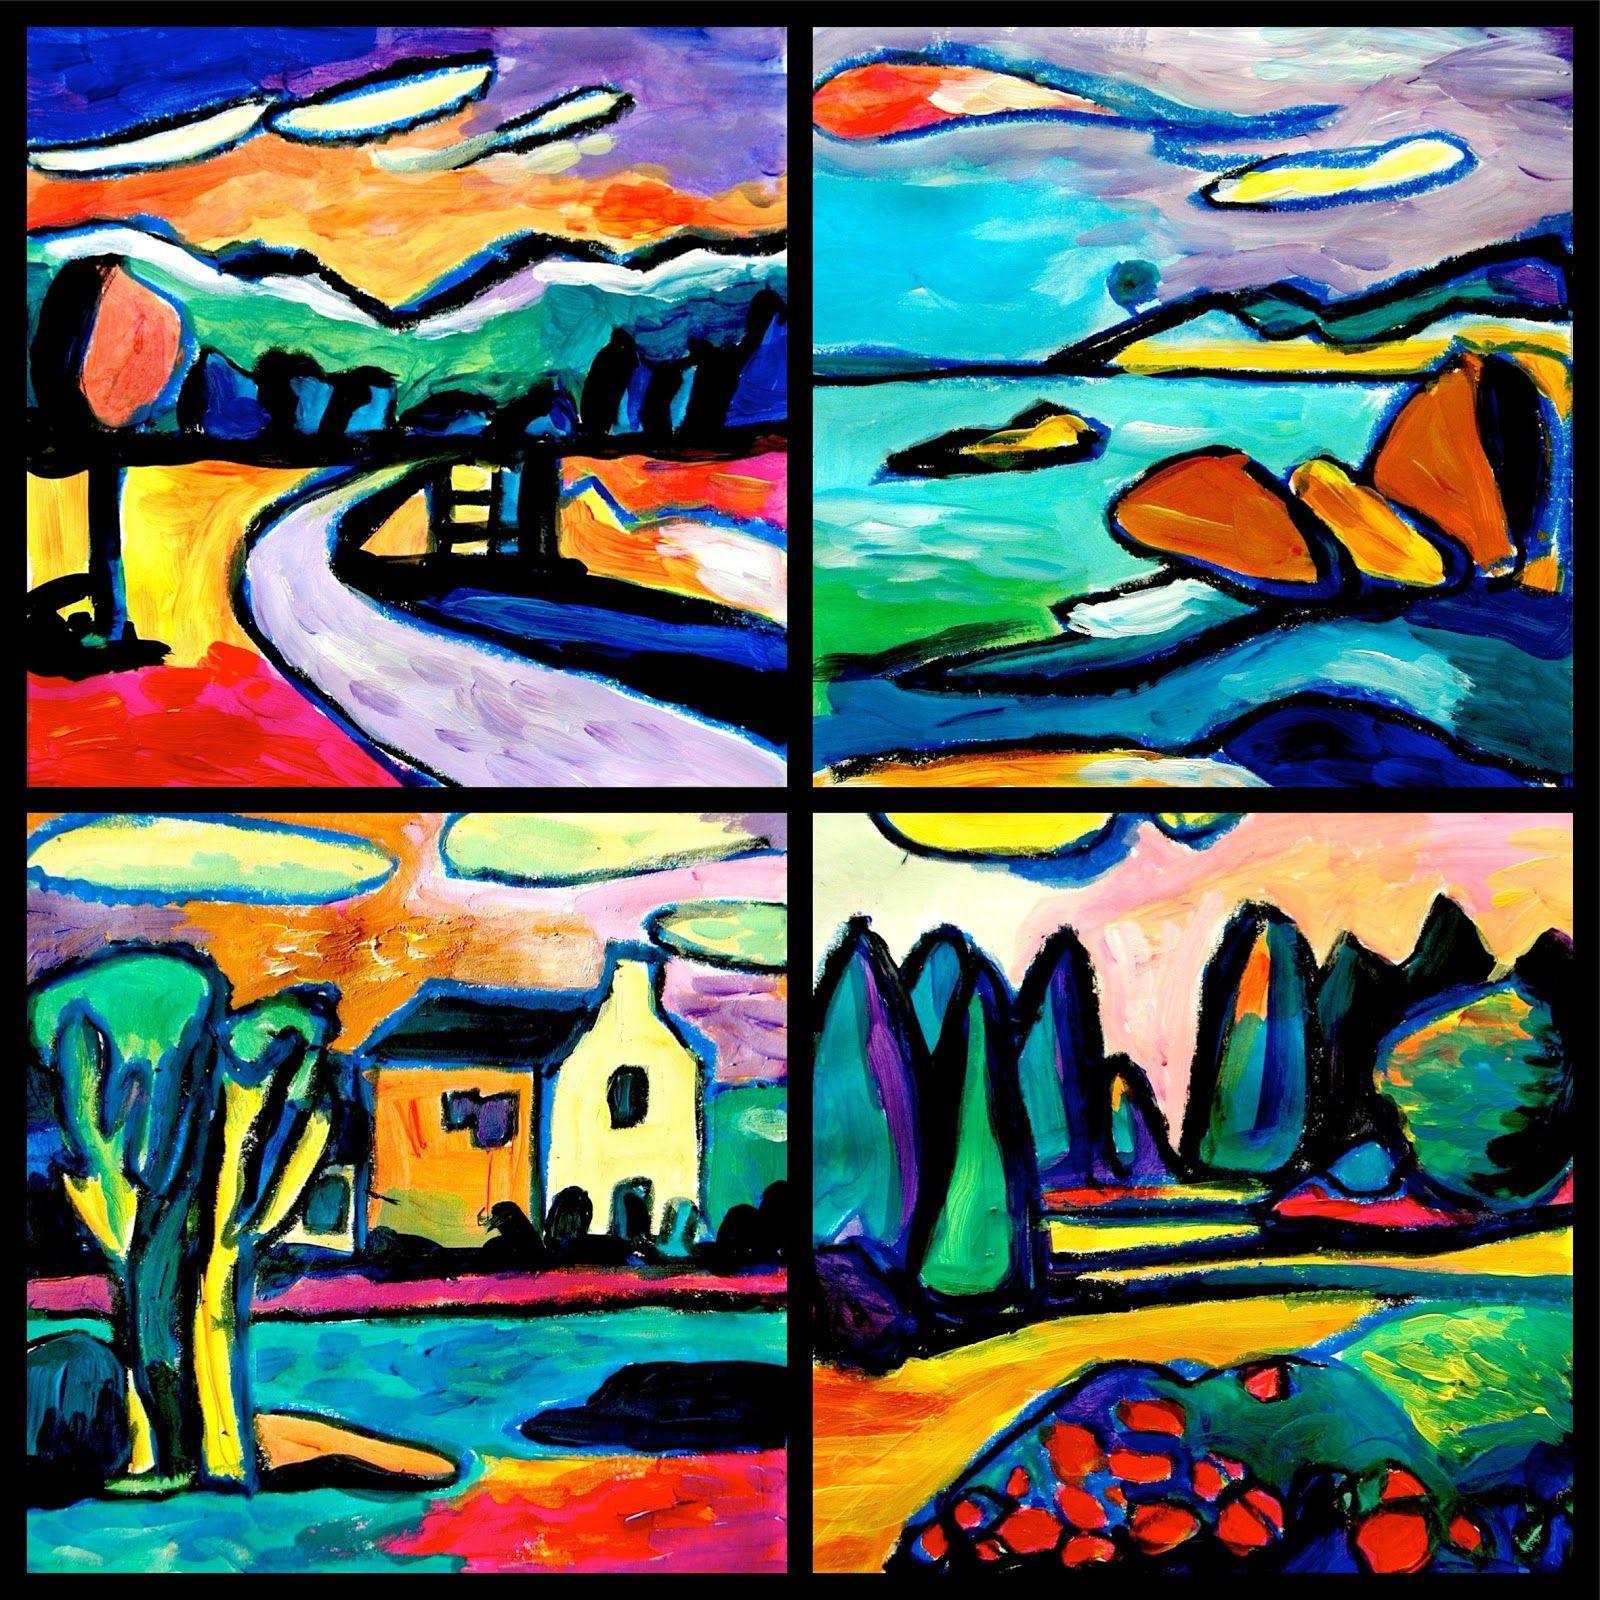 Diy Kandinsky Landscape Lessons Arteascuola Inspired By The Kandinsky S Landscapes